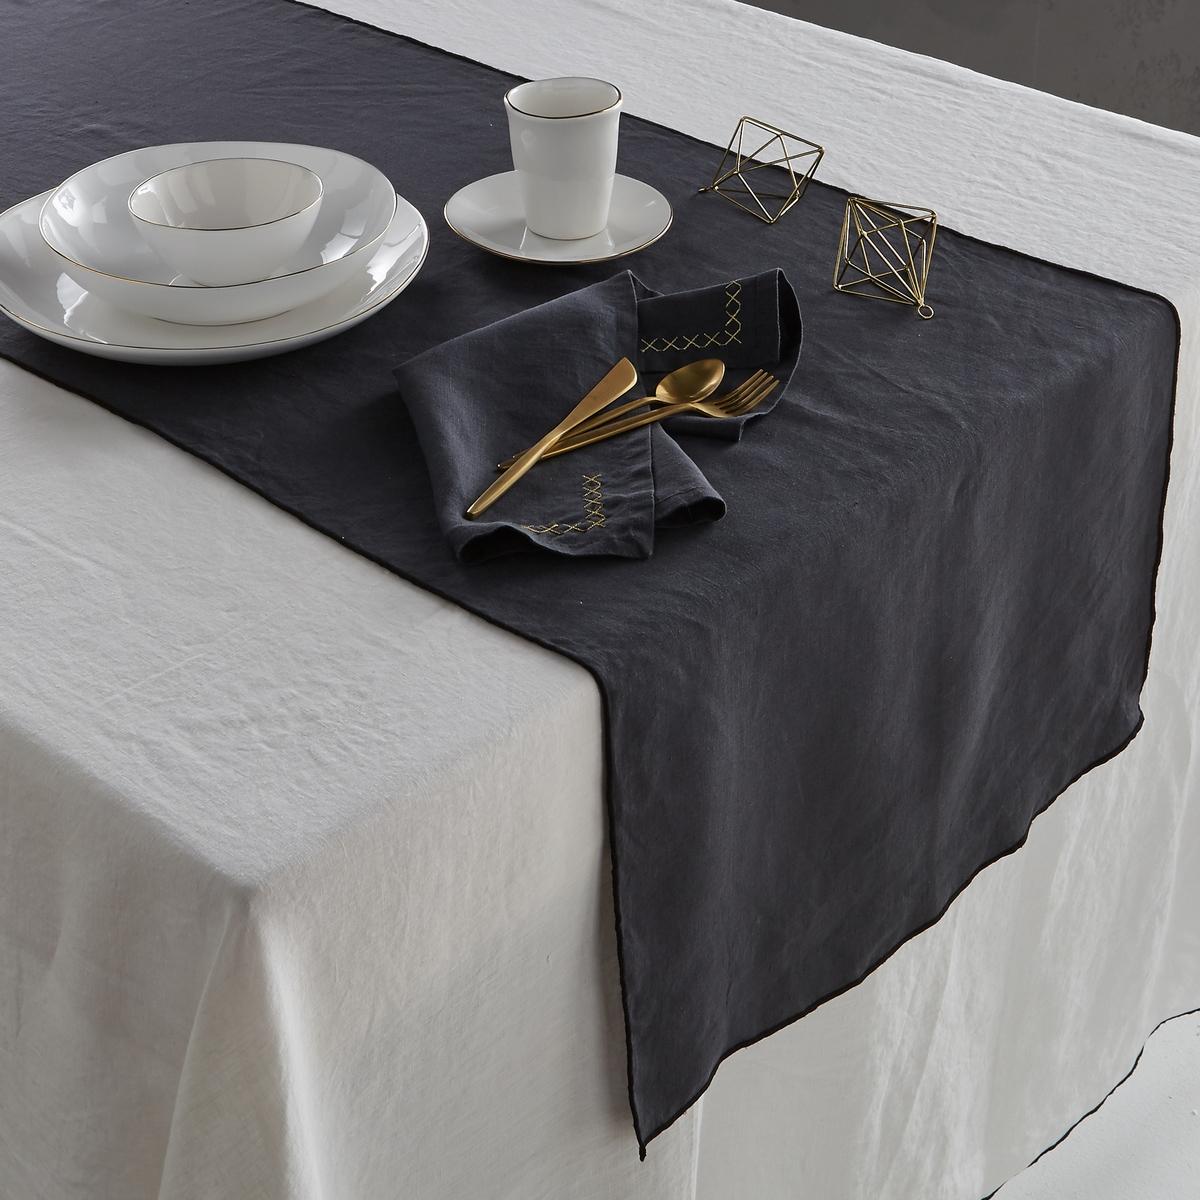 Дорожка столовая из стиранного льна, TarakaДорожка столовая Taraka из 100% стиранного льна. Сочетает естественную мягкость льна и роскошную отделку черного цвета . Скатерть, полотенца и подложки под столовые приборы продаются на нашем сайте .Состав : - 100% лен.Размер : - Размер 1 : ширина 50 x длина 150 см- Размер 2 : ширина 50 x длина 200 см Знак Oeko-Tex® гарантирует, что товары протестированы и сертифицированы, не содержат вредных веществ, которые могли бы нанести вред здоровью.<br><br>Цвет: антрацит<br>Размер: 50 x 200  см